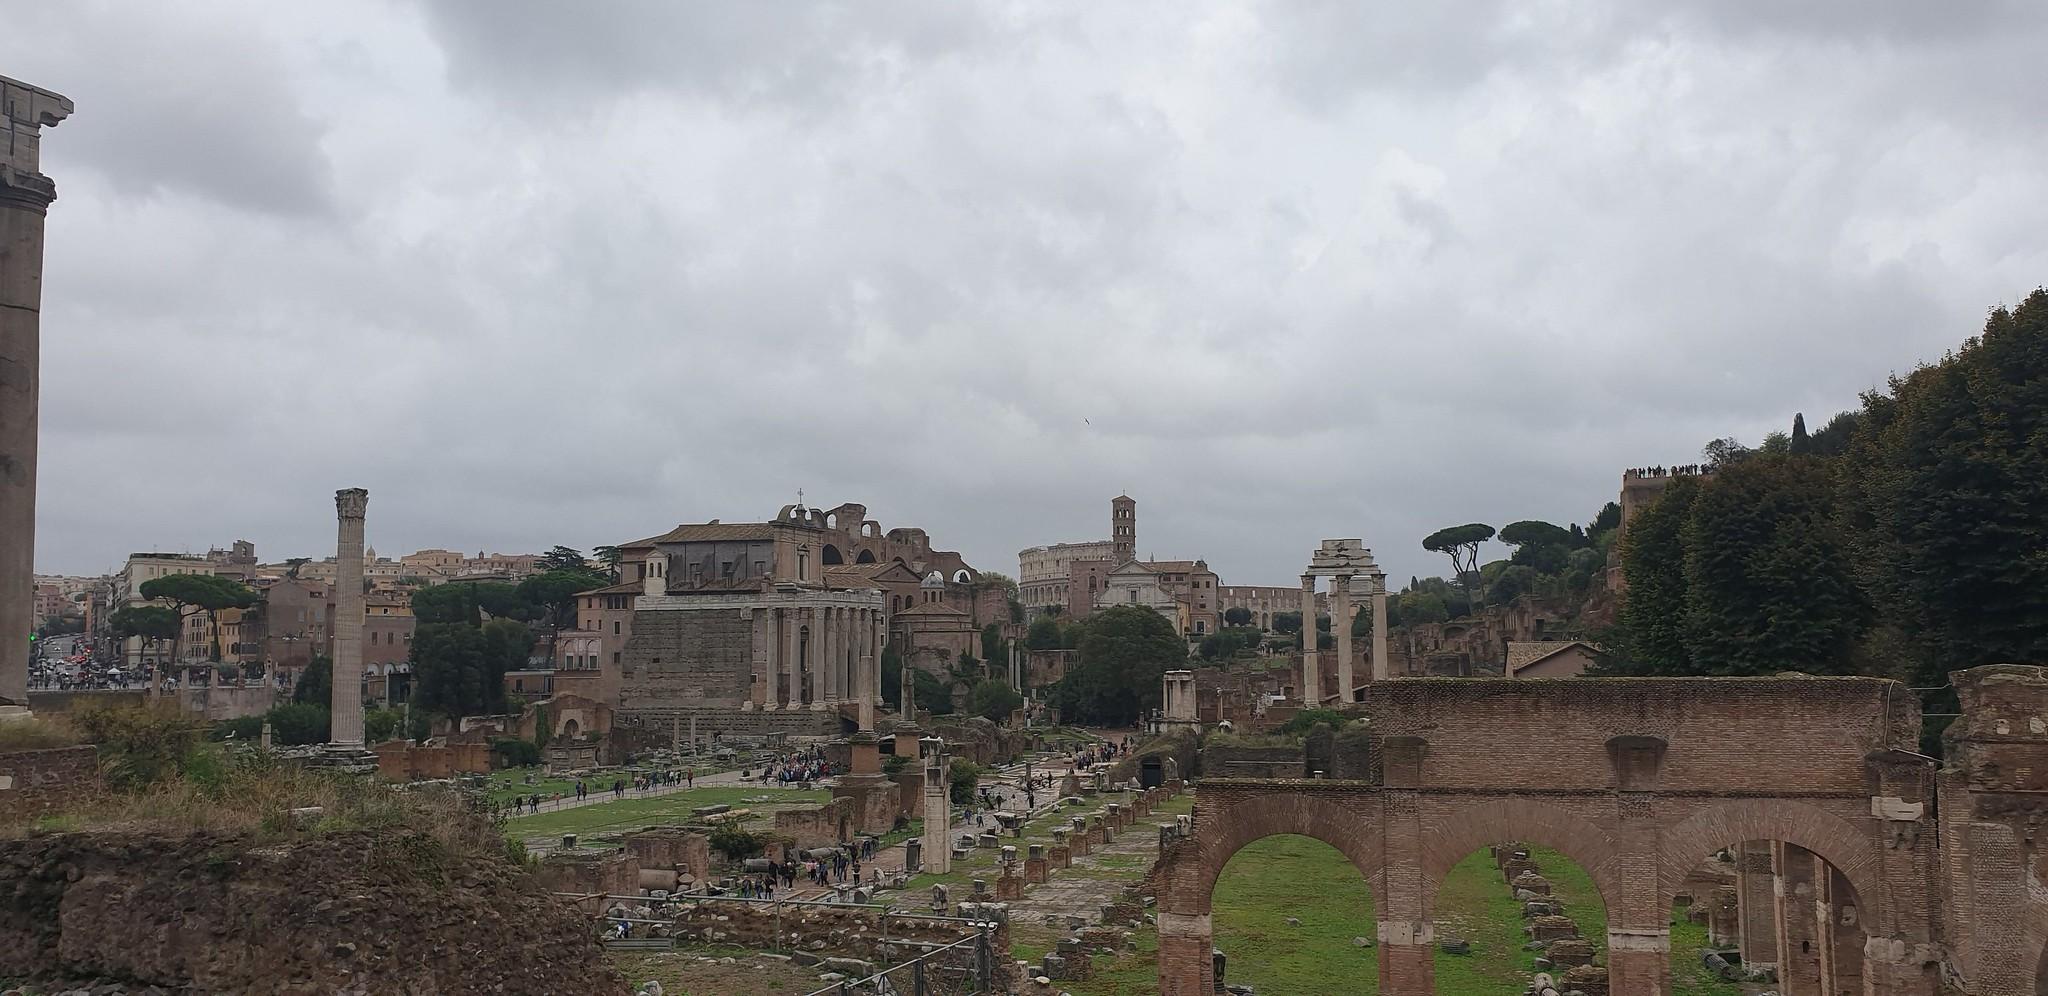 Forum Romanum (Roman Forum) – Regal/Archaic Period